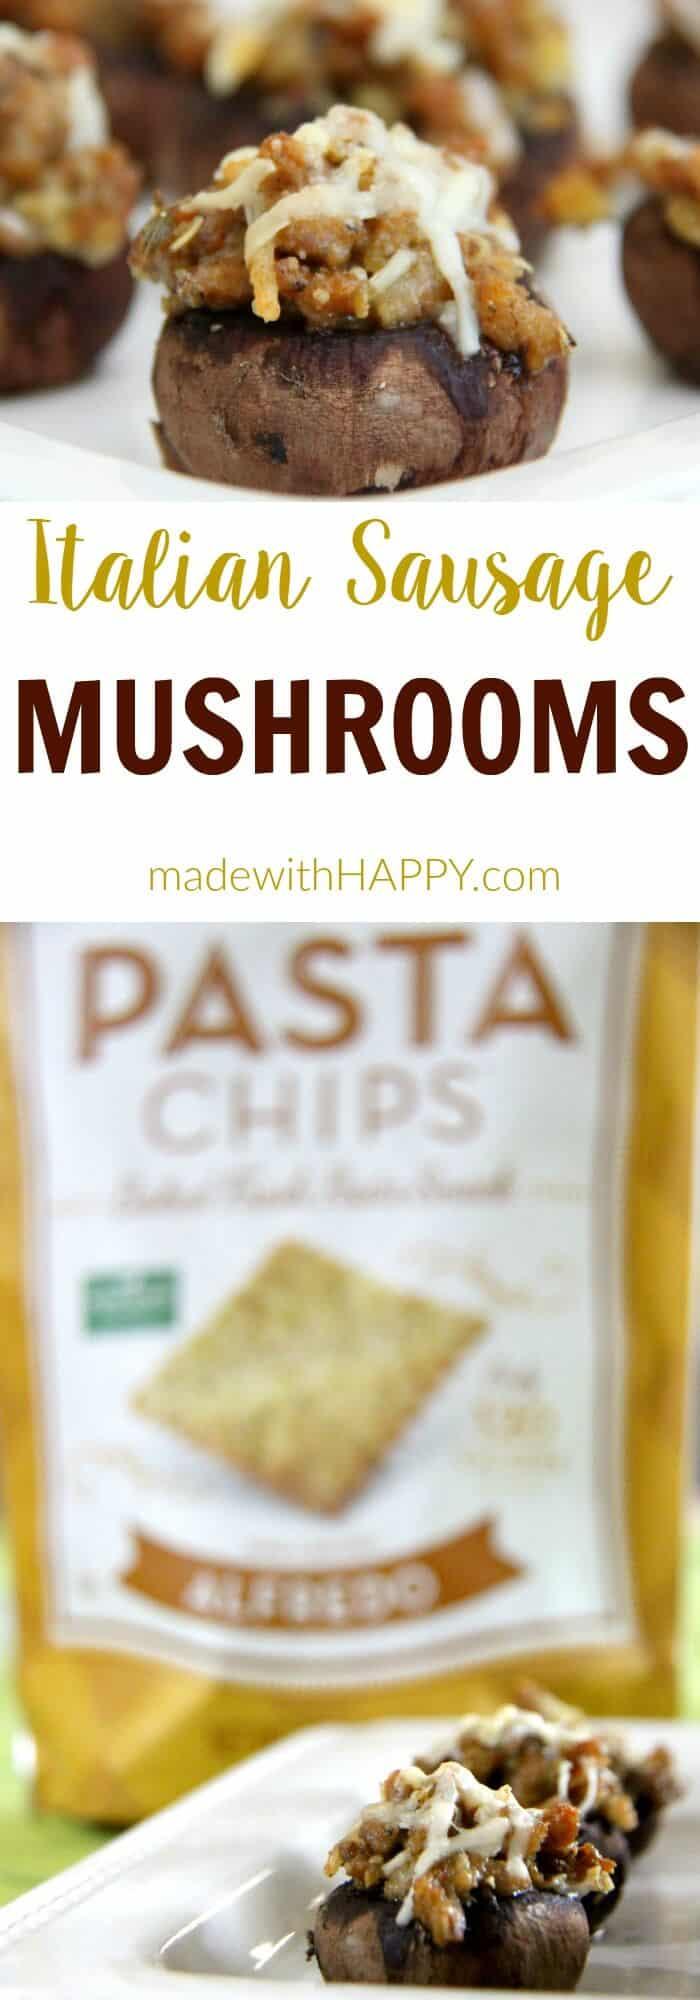 Italian-Sausage-Stuffed-Mushrooms-4